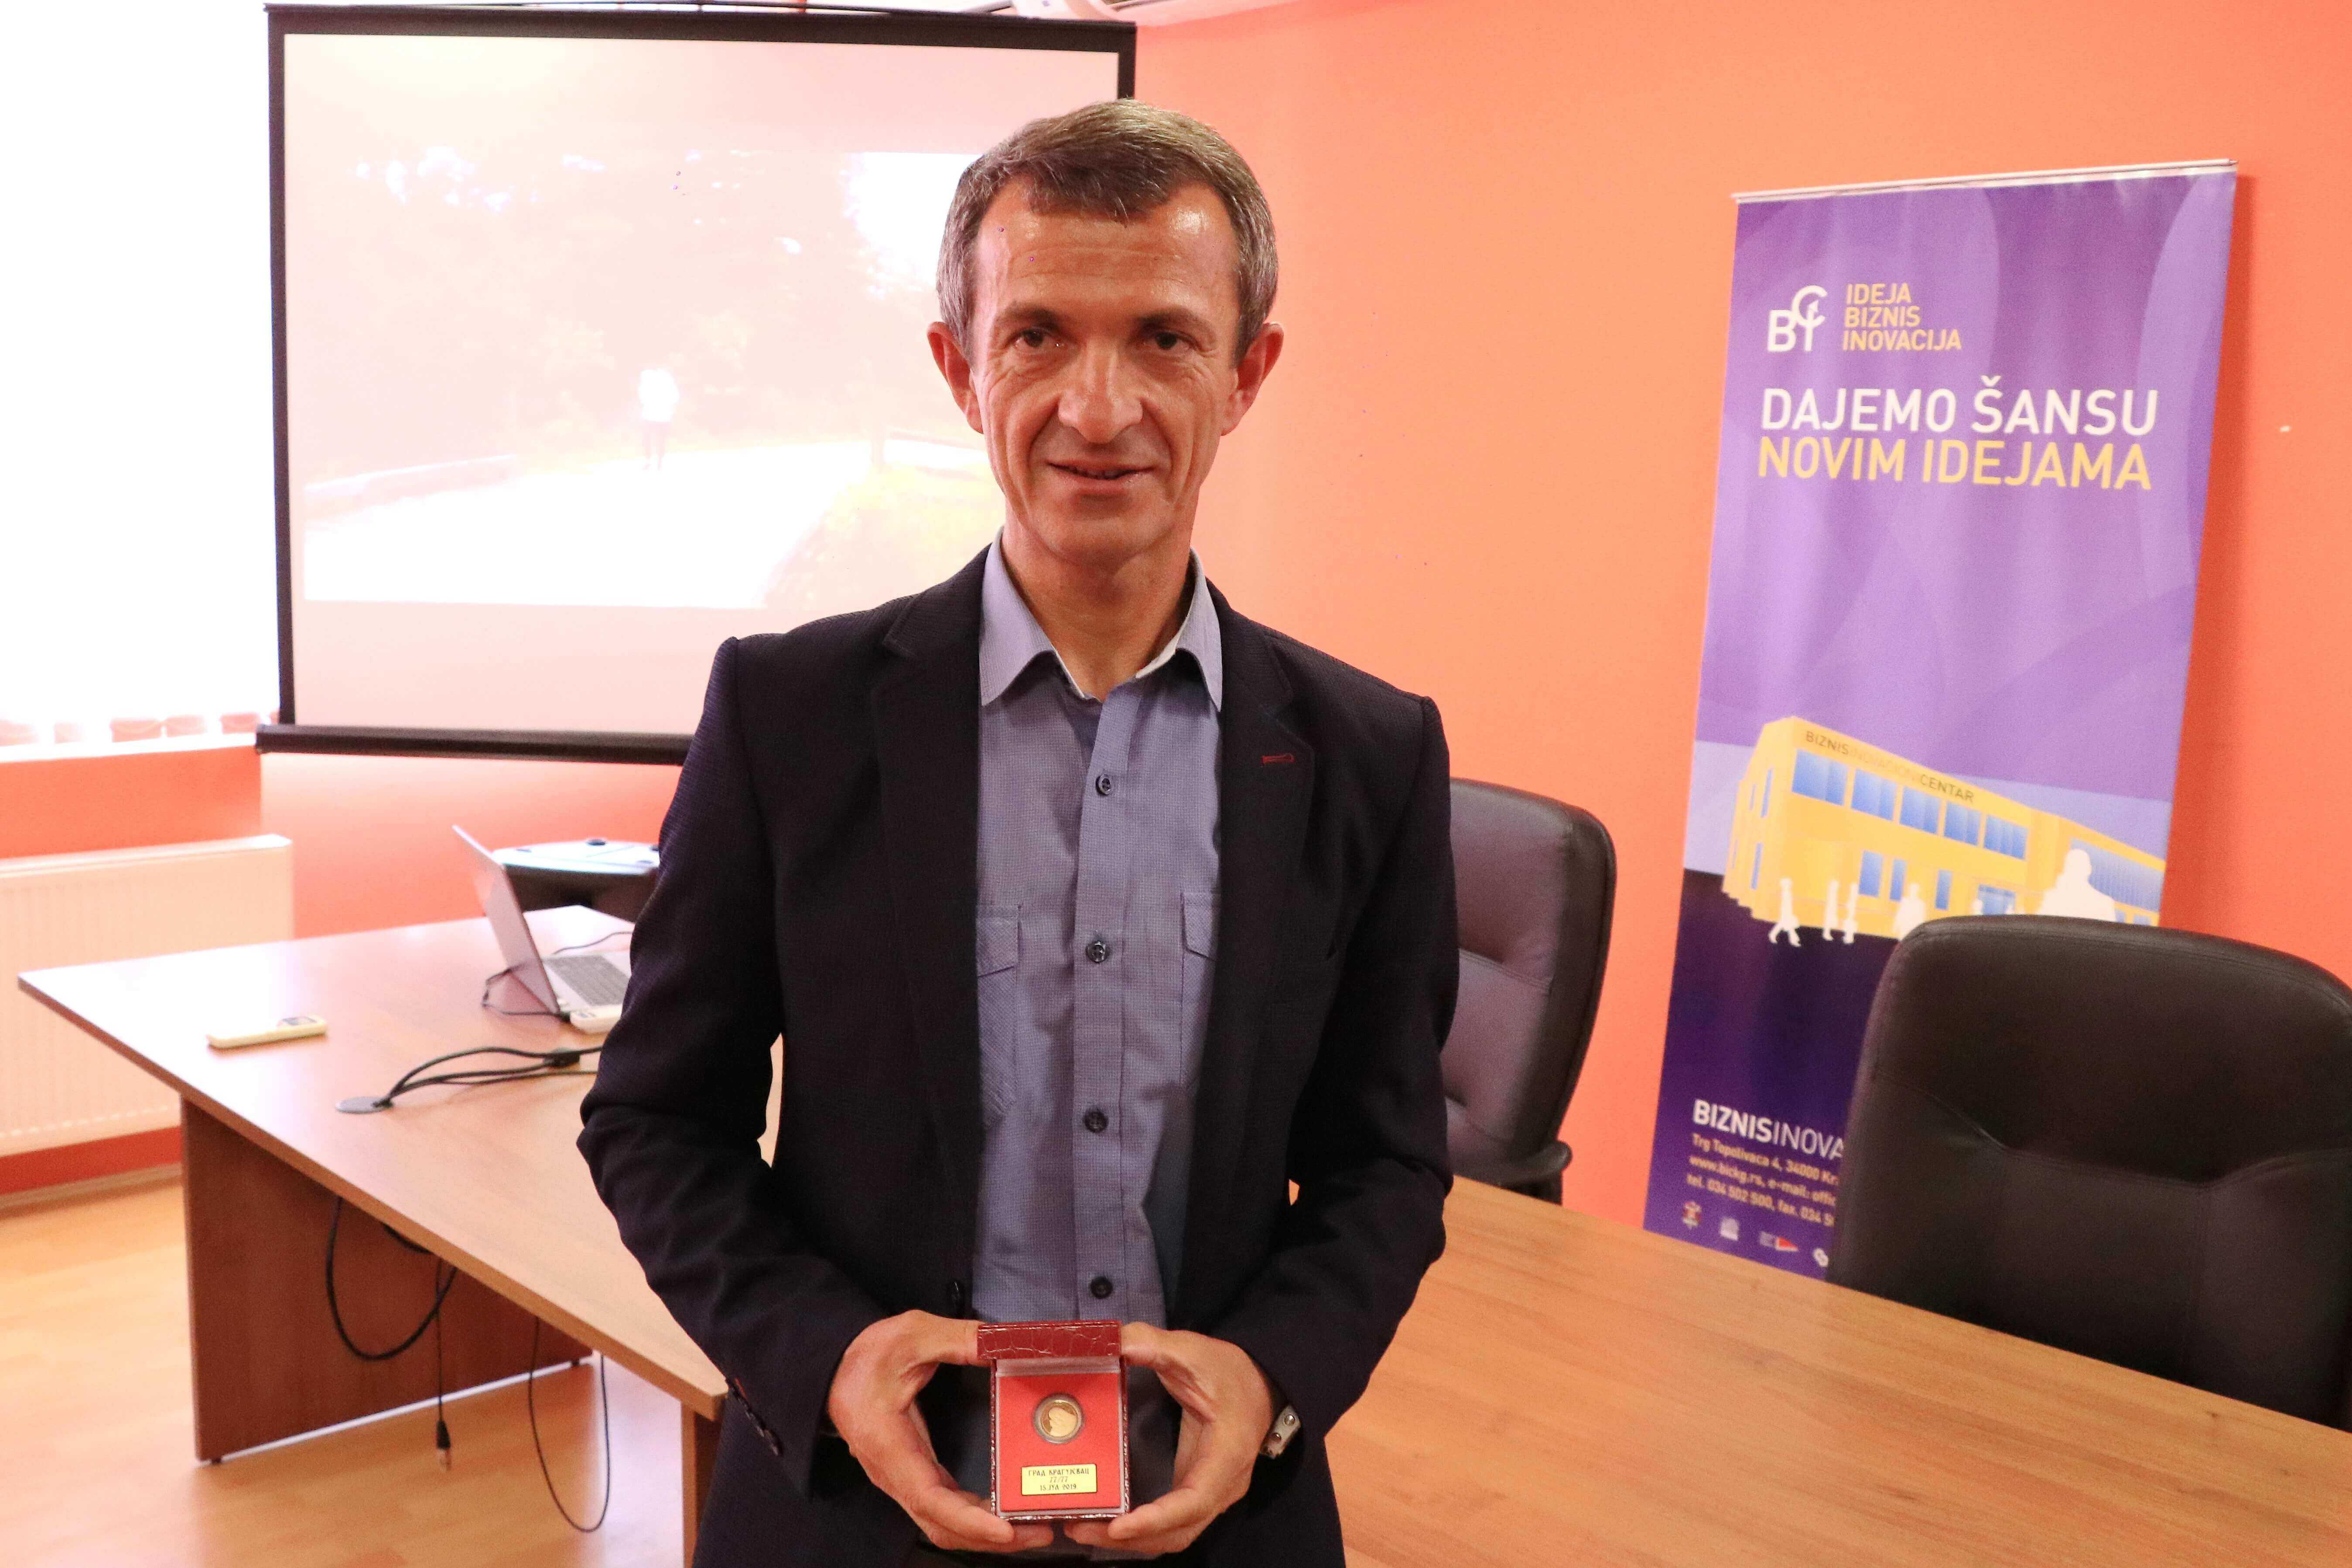 Goran Nikolić heroj naše generacije